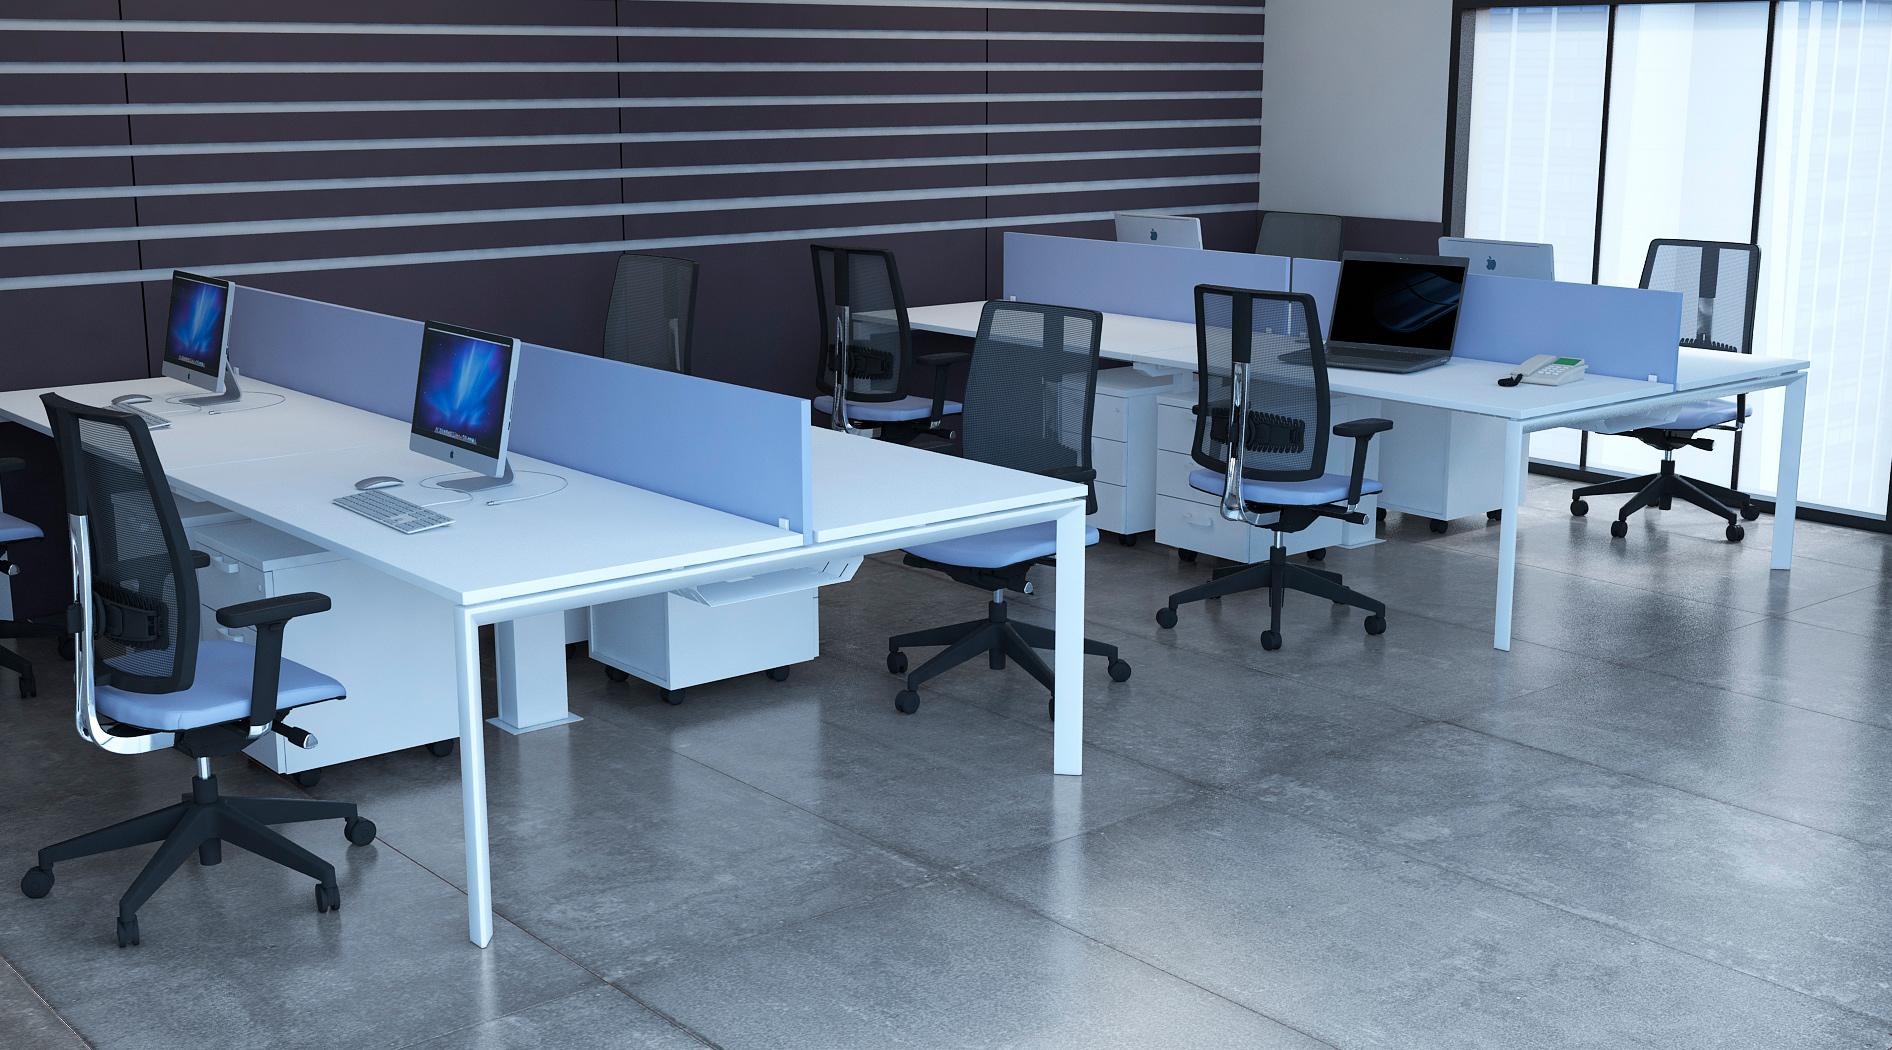 Bureau bench contemporain 4 personnes Regis